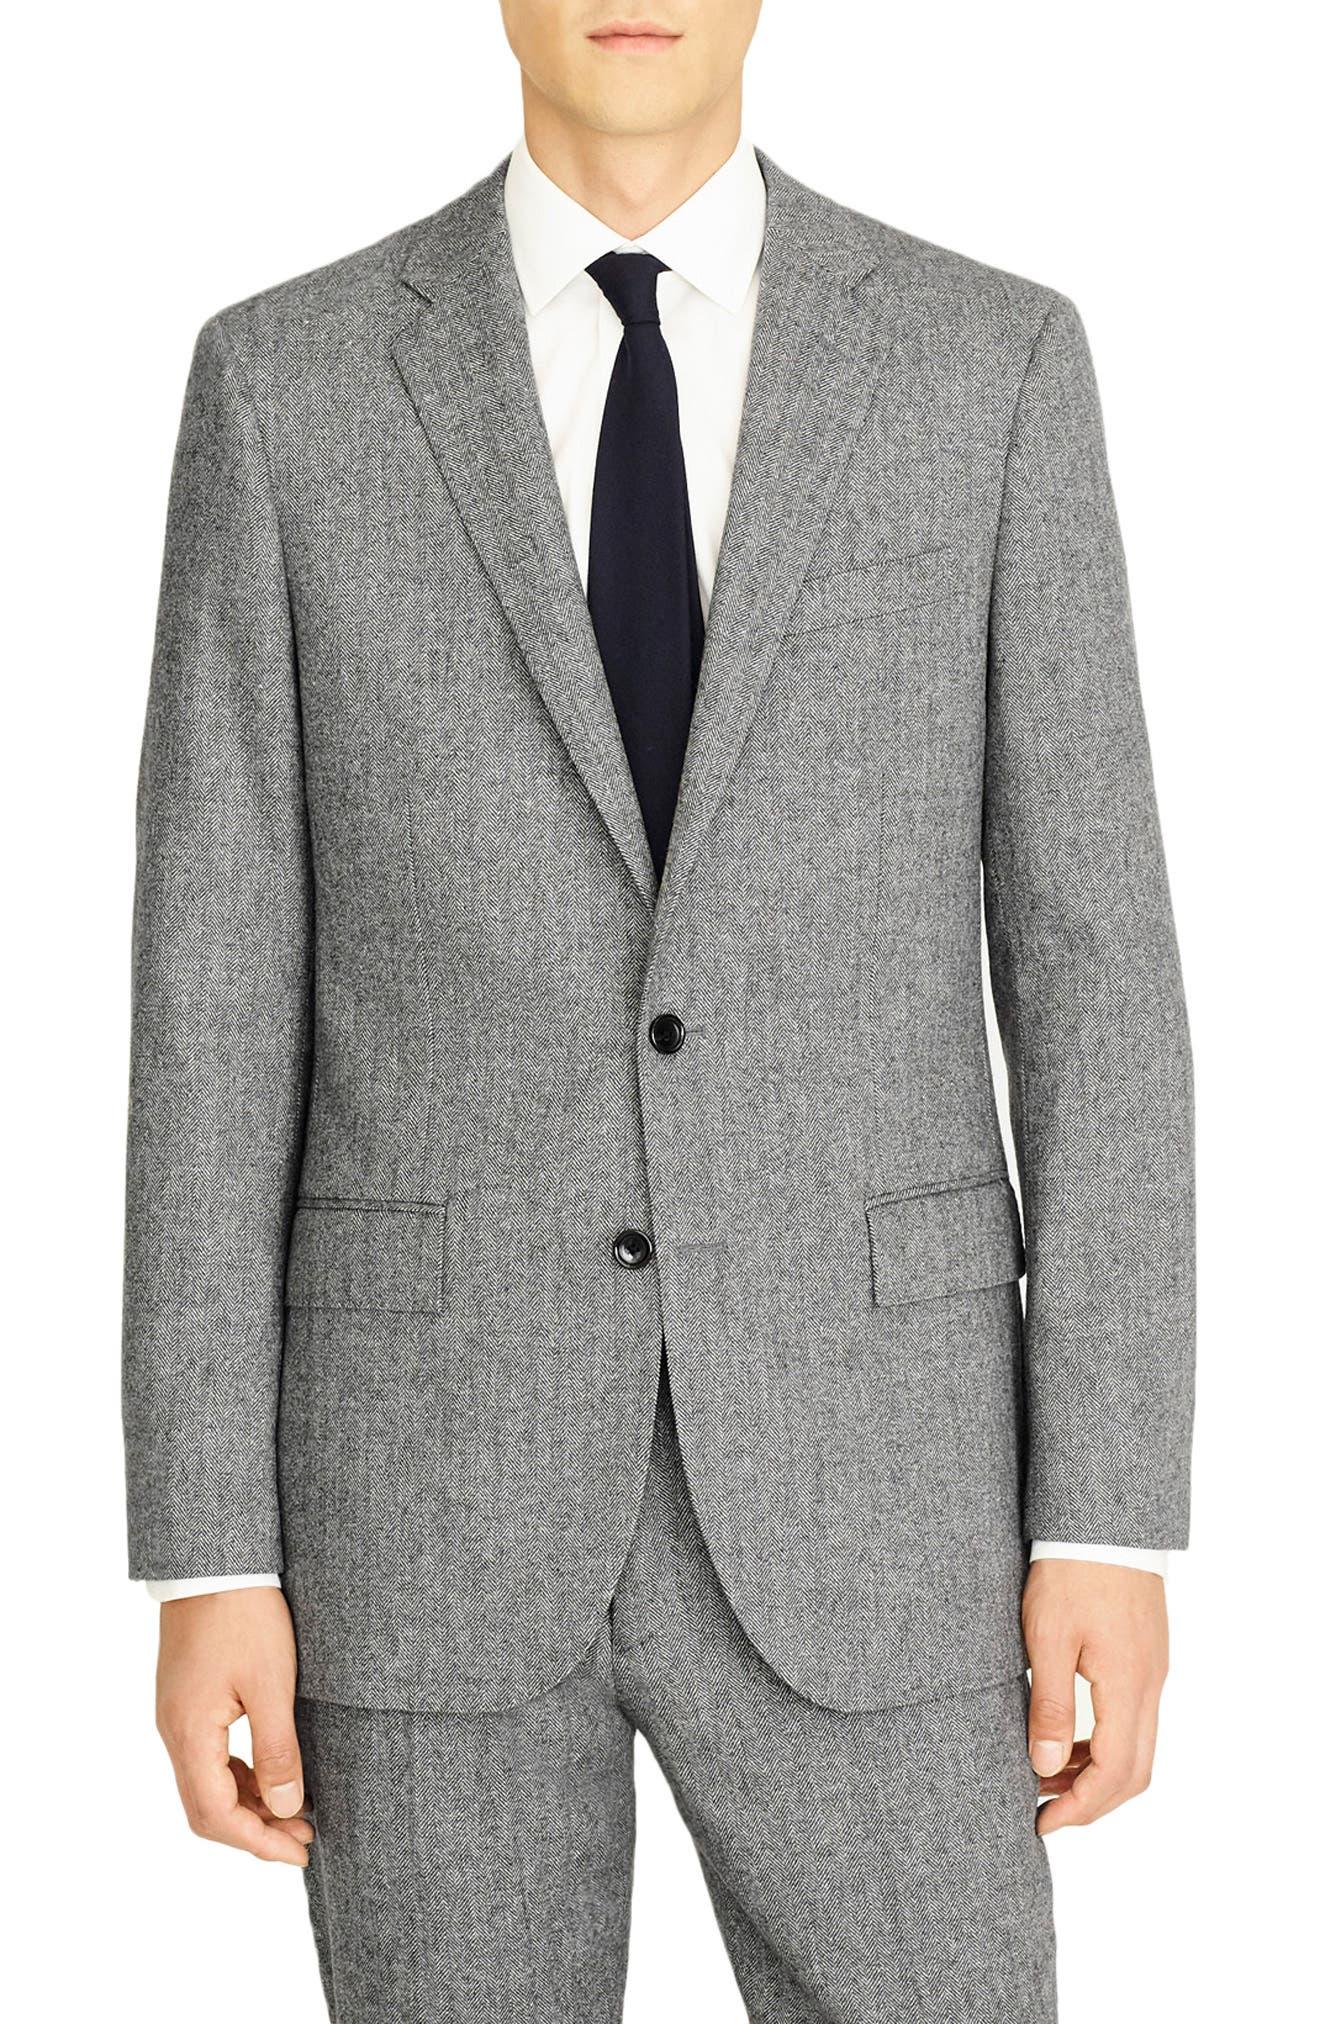 Ludlow Slim Fit Herringbone Wool Blend Suit Jacket,                             Main thumbnail 1, color,                             GREY HERRINGBONE